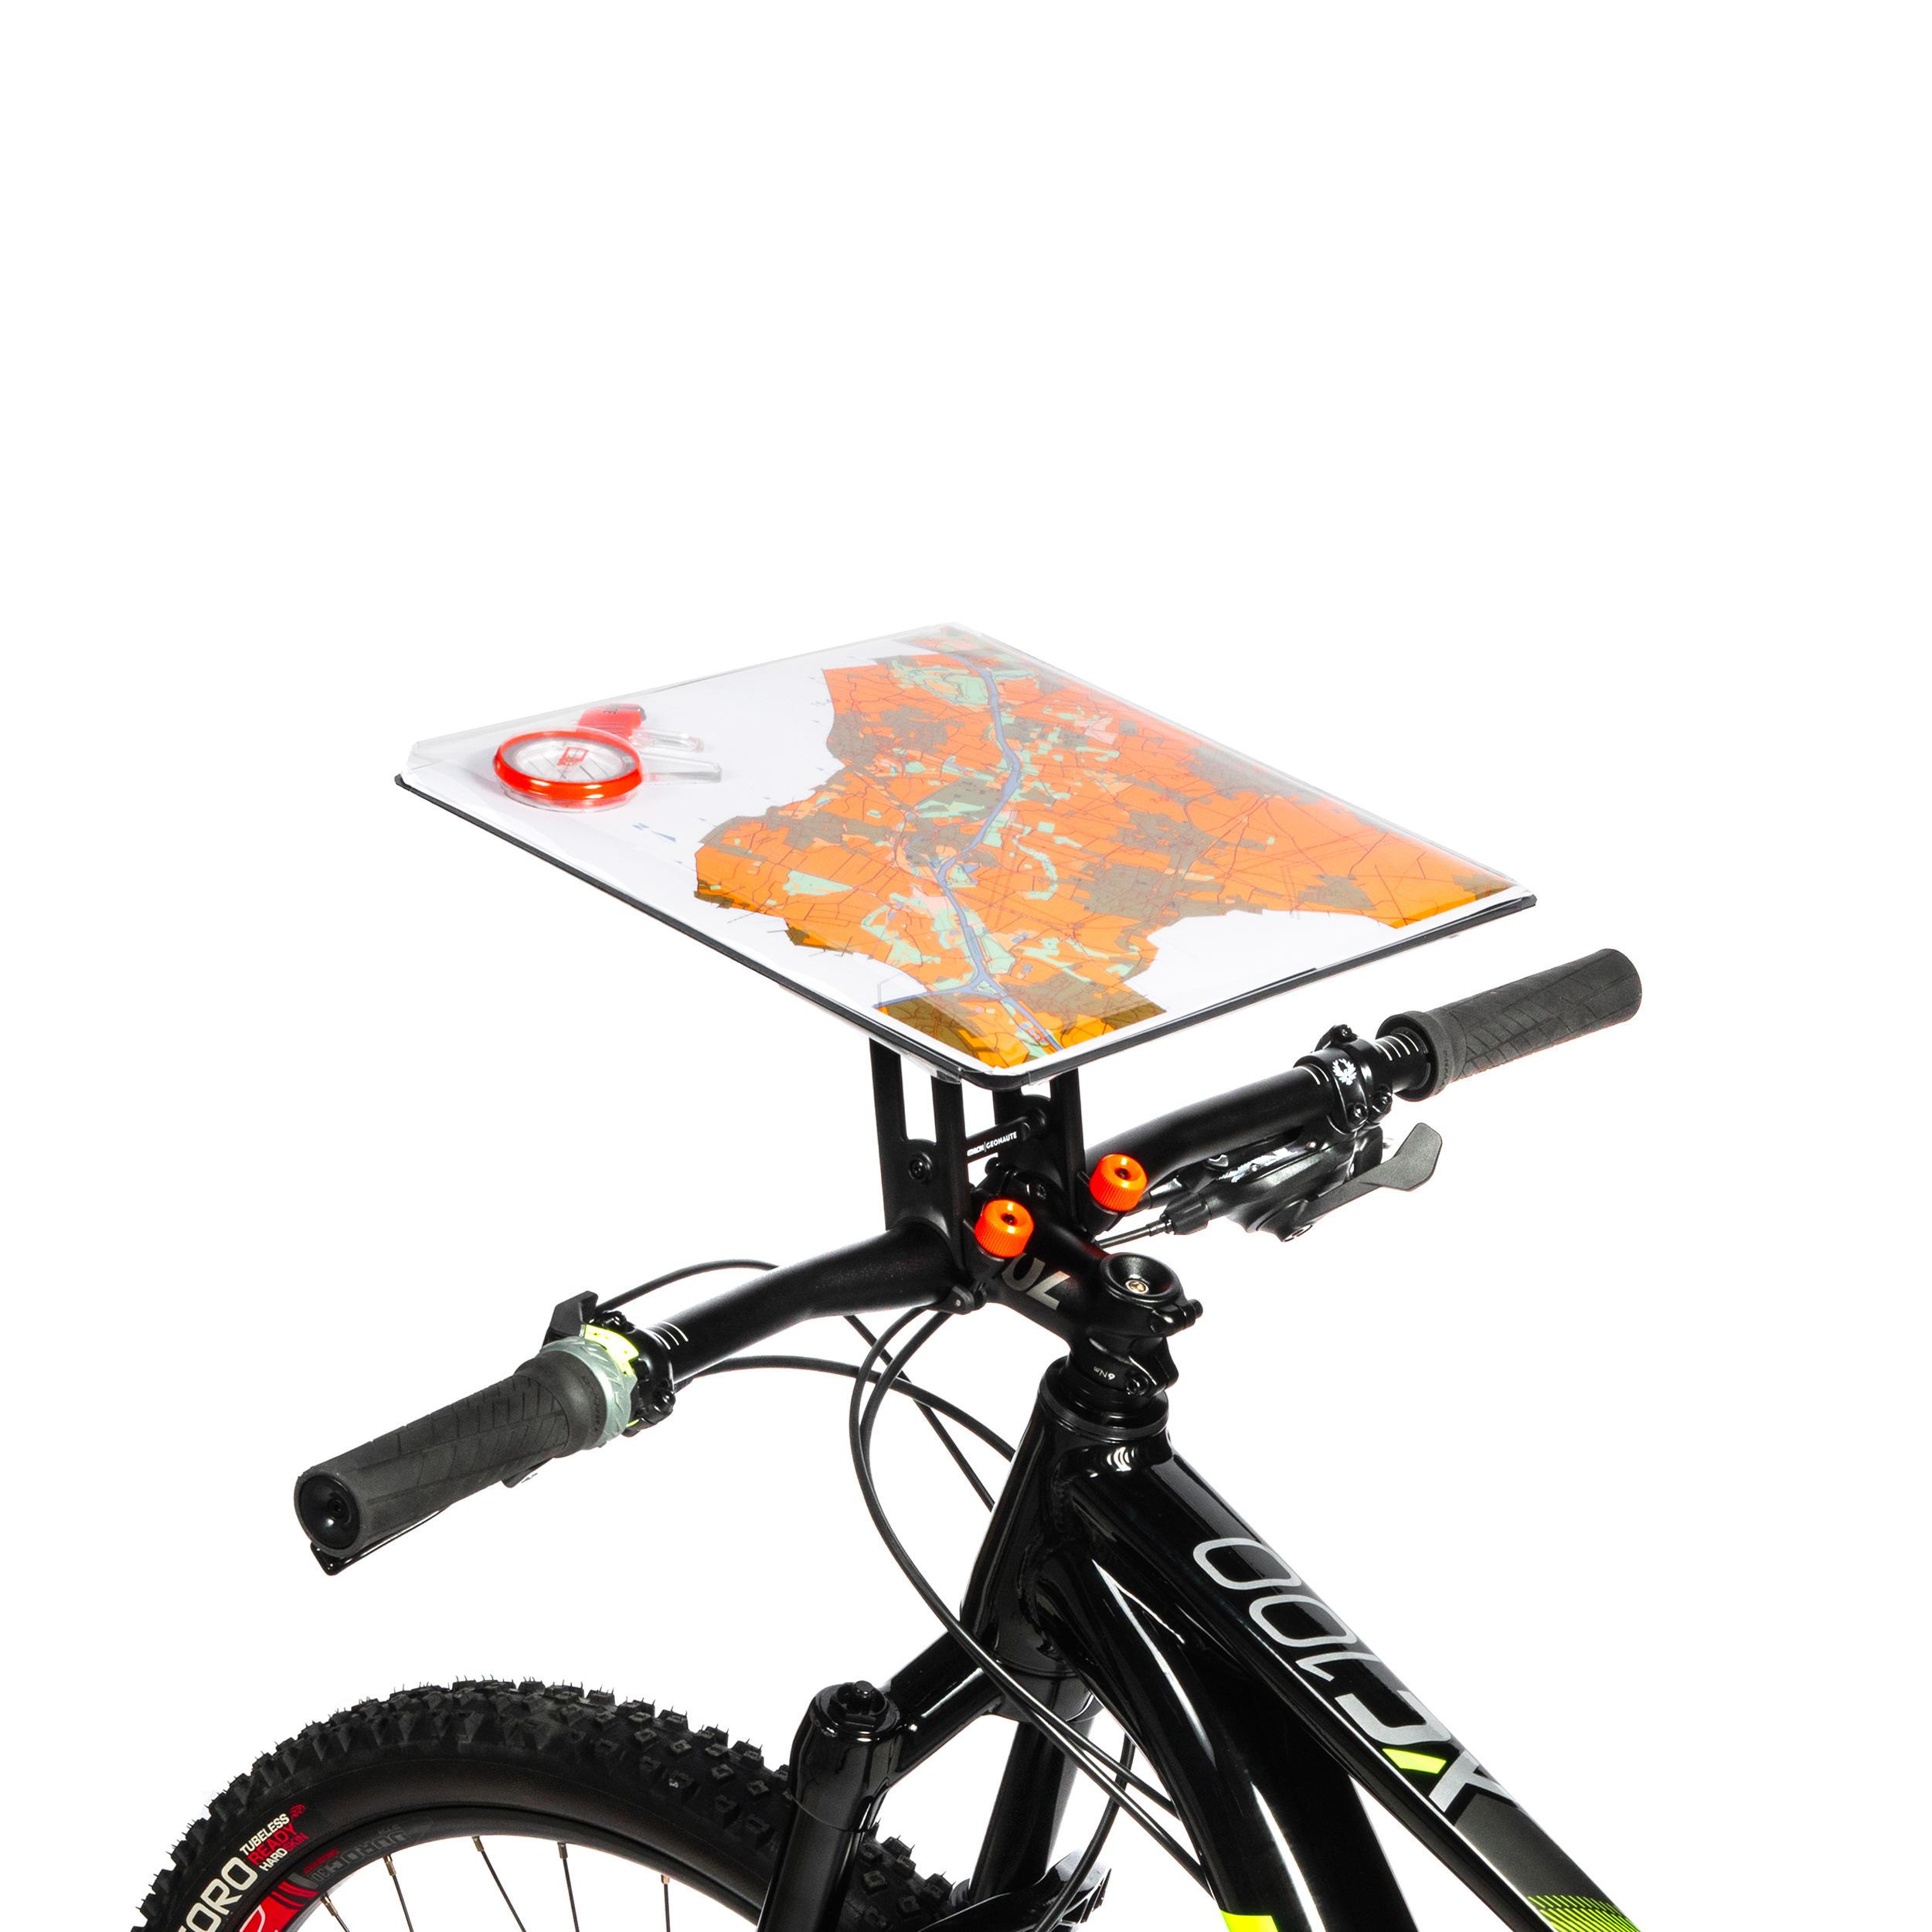 Suport Hartă Bicicletă imagine